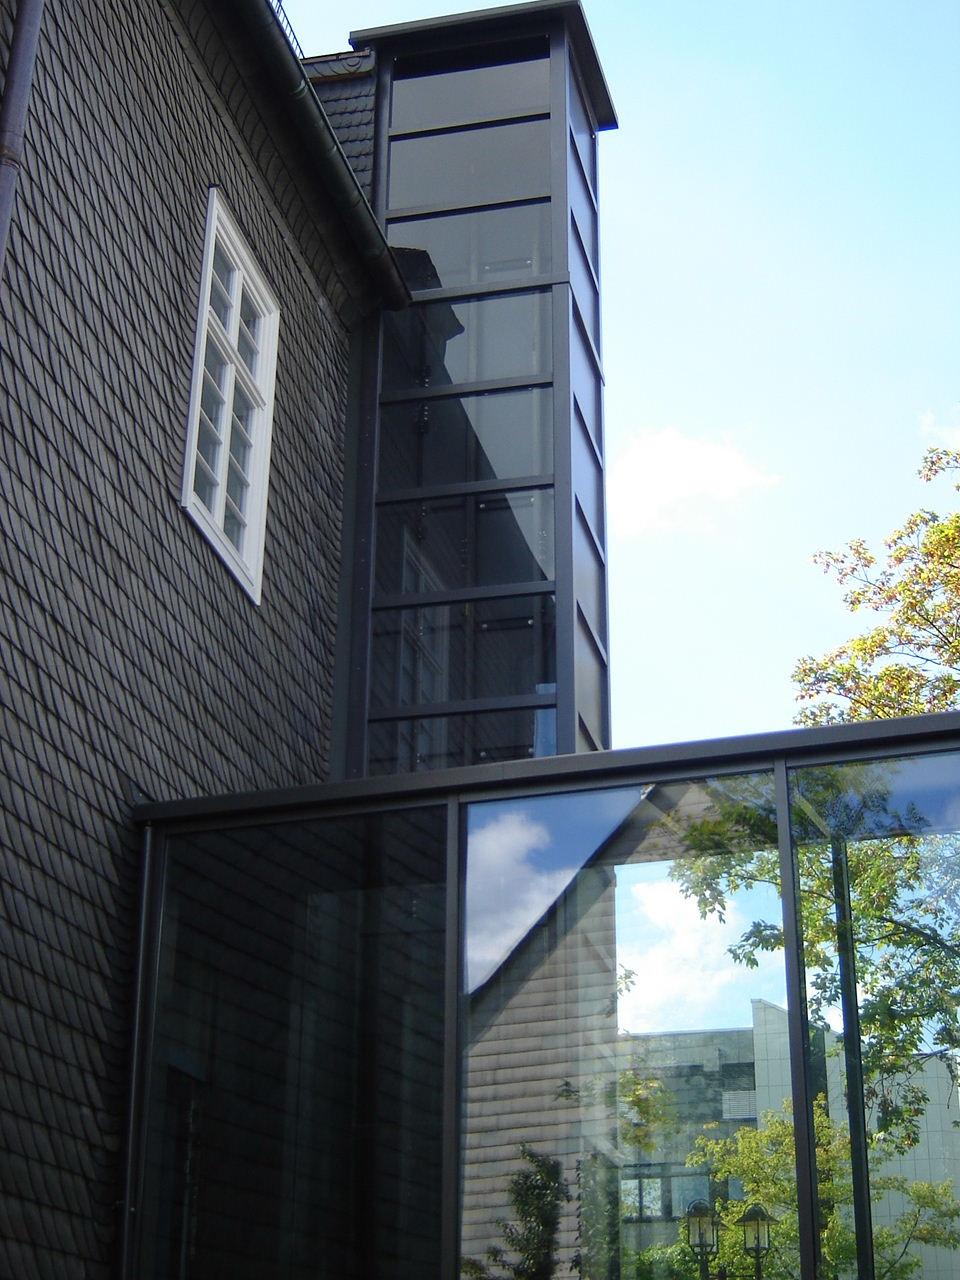 Der schwarze gläserne Aufzug passt auch perfekt zu alten Häusern